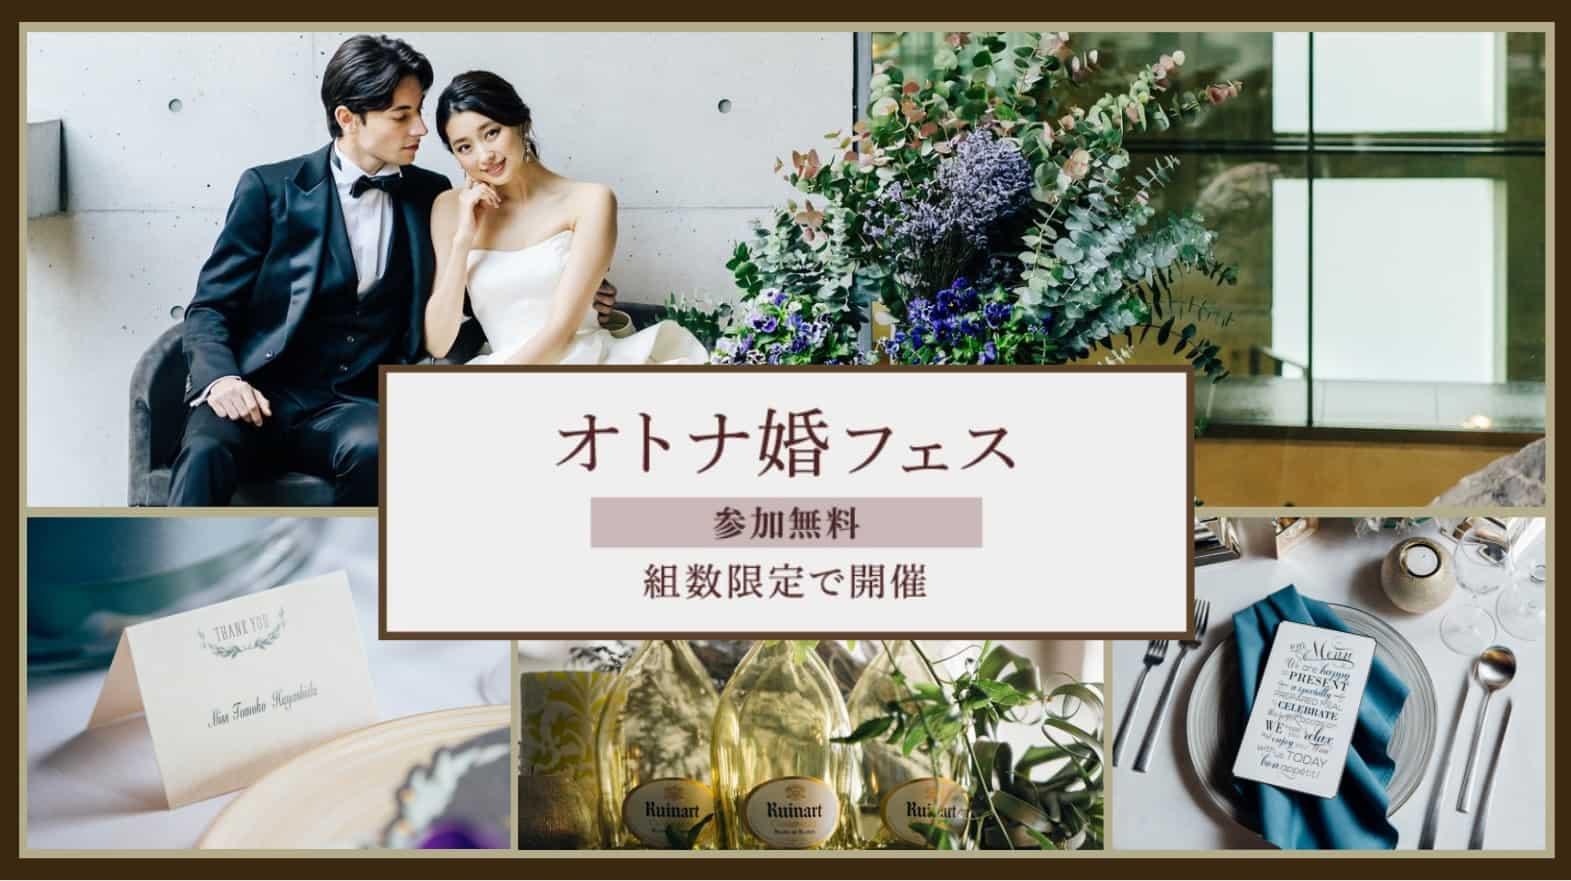 〈組数限定〉センス溢れるこだわりの結婚式場を探している人へ【オトナ婚フェス】が関西3会場で開催決定のカバー写真